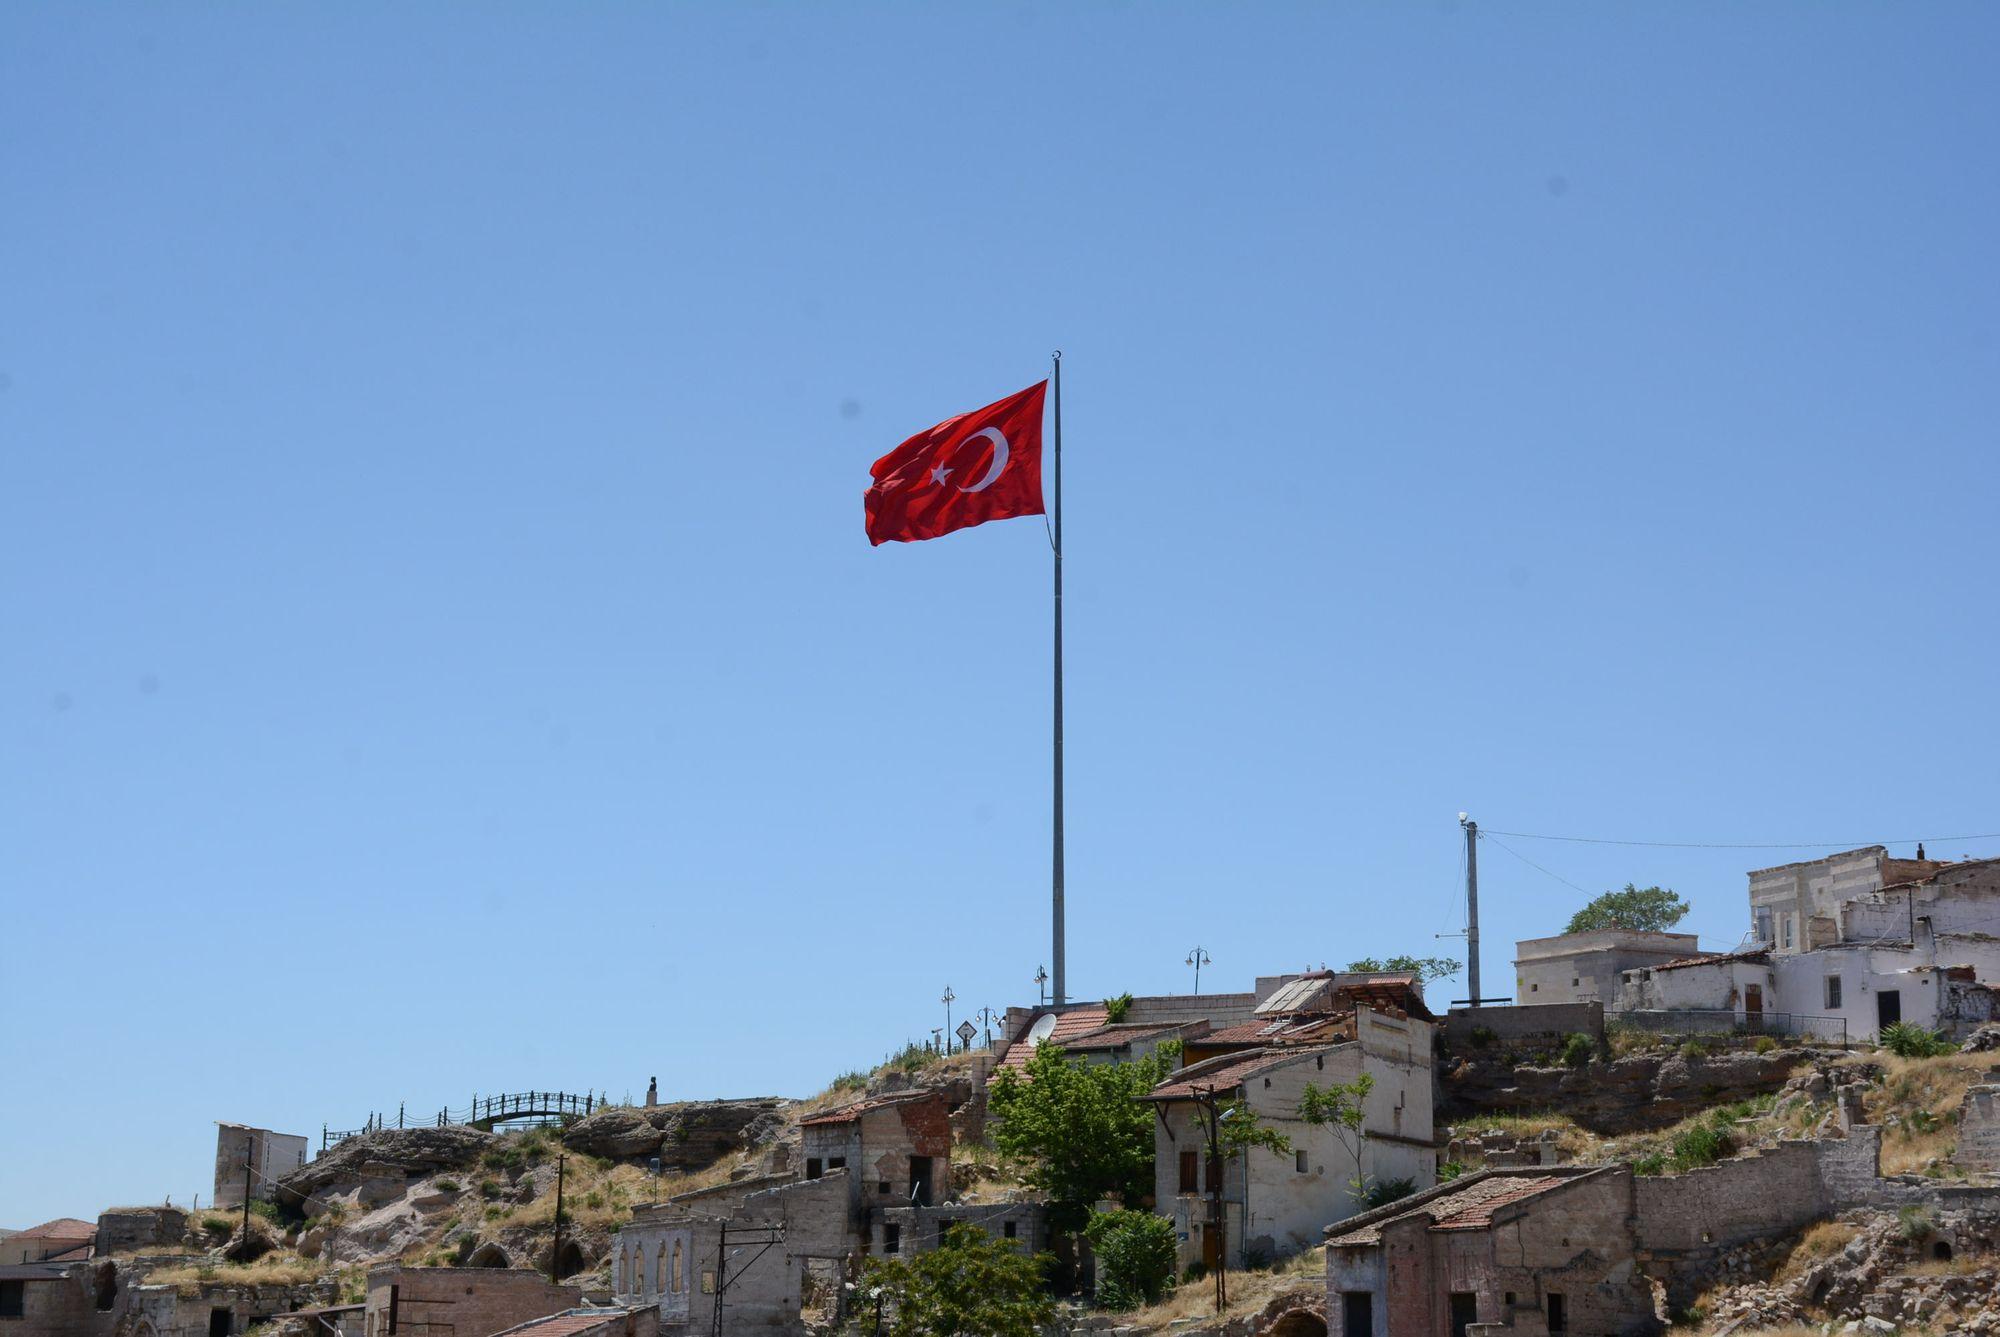 Bayrak direğinin yeri değiştirildi, Bayrağımız tekrar göndere çekildi.